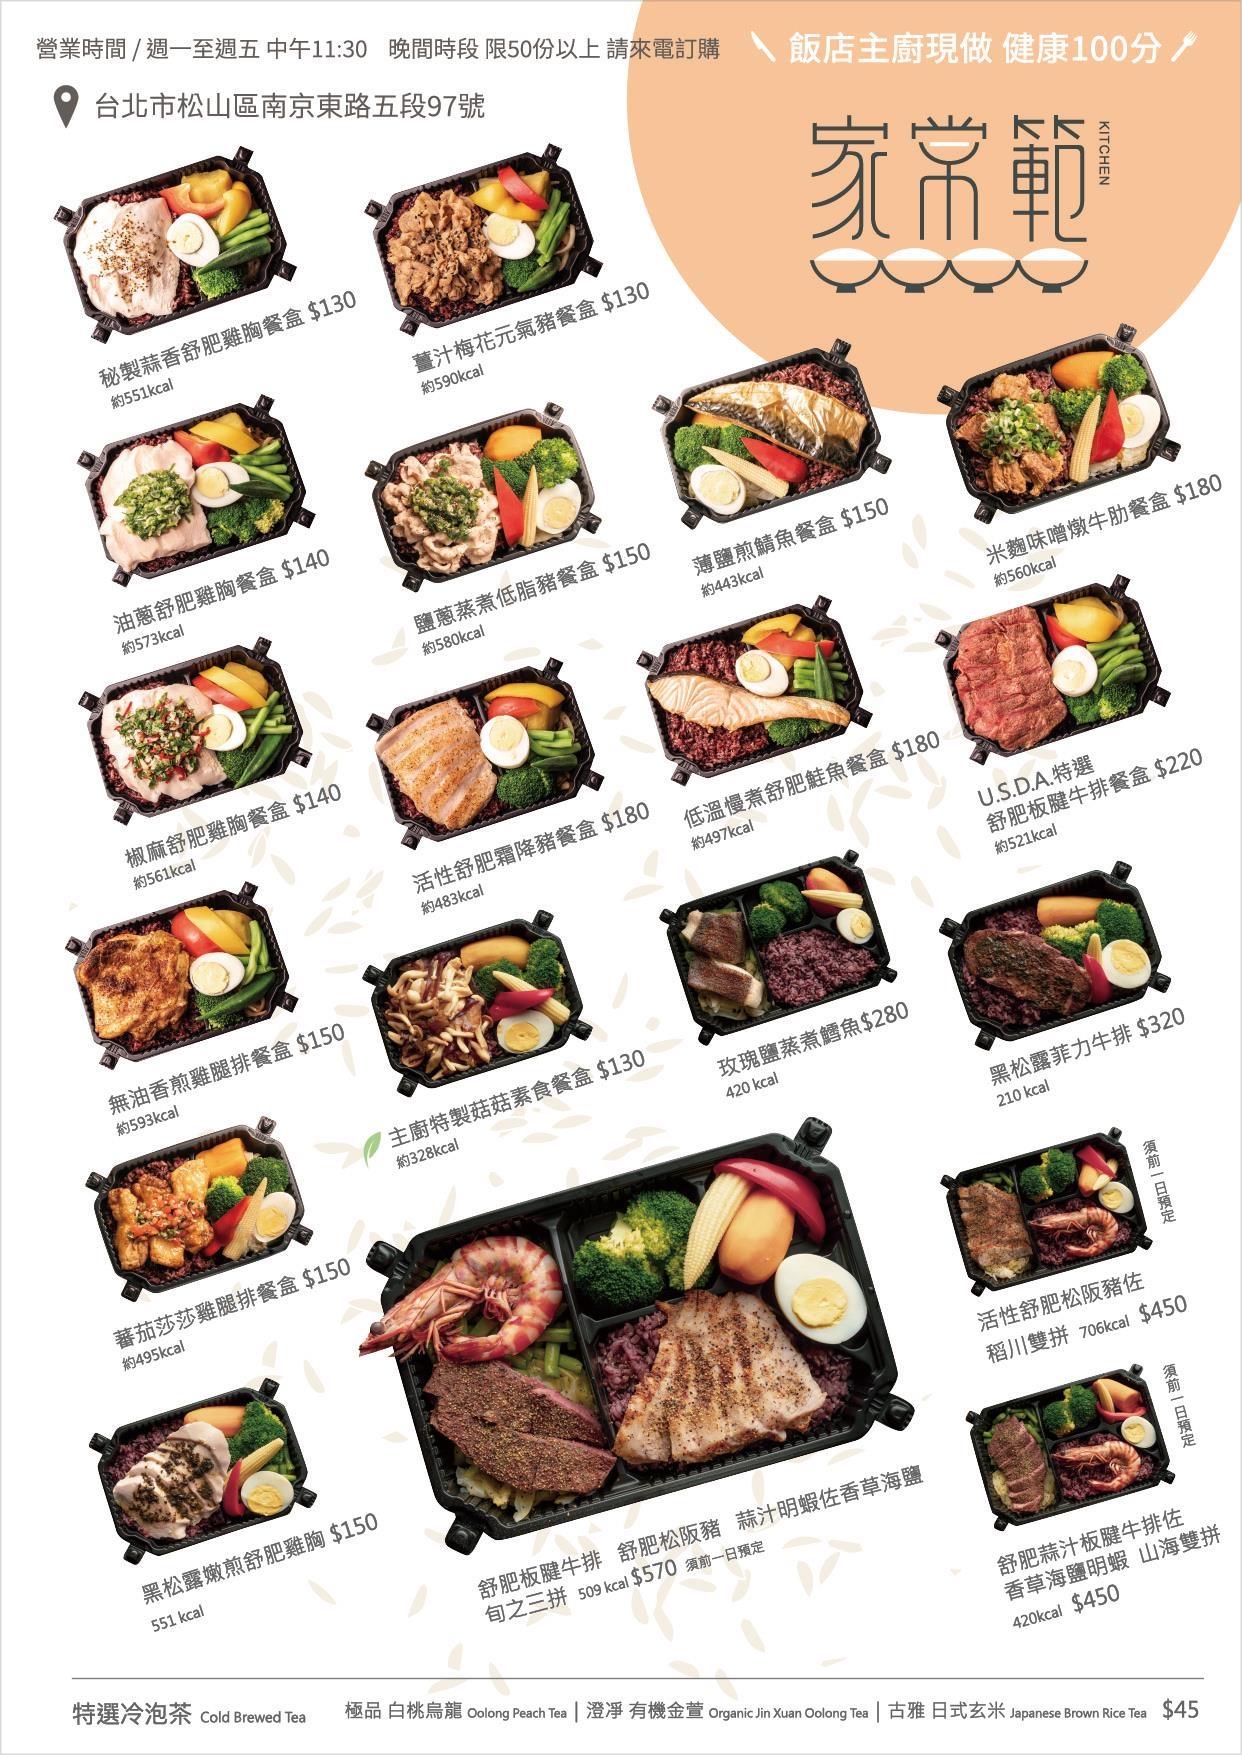 家常範低GI私廚。台北南京三民站外帶餐盒|舒肥低升糖五穀飯